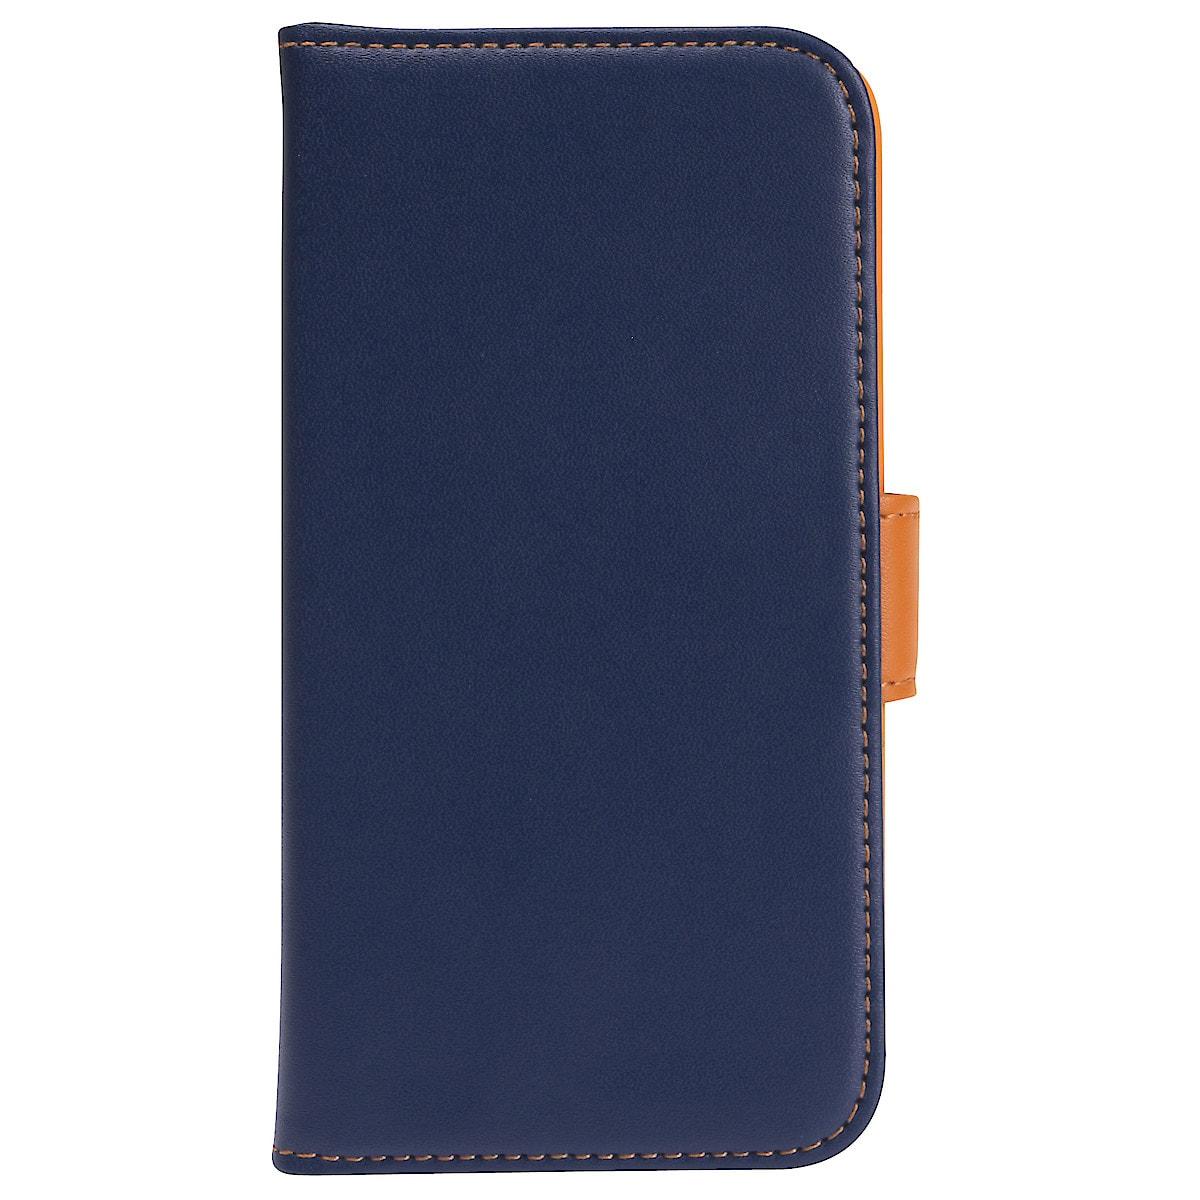 Plånboksfodral för iPhone 5/5S/SE Holdit